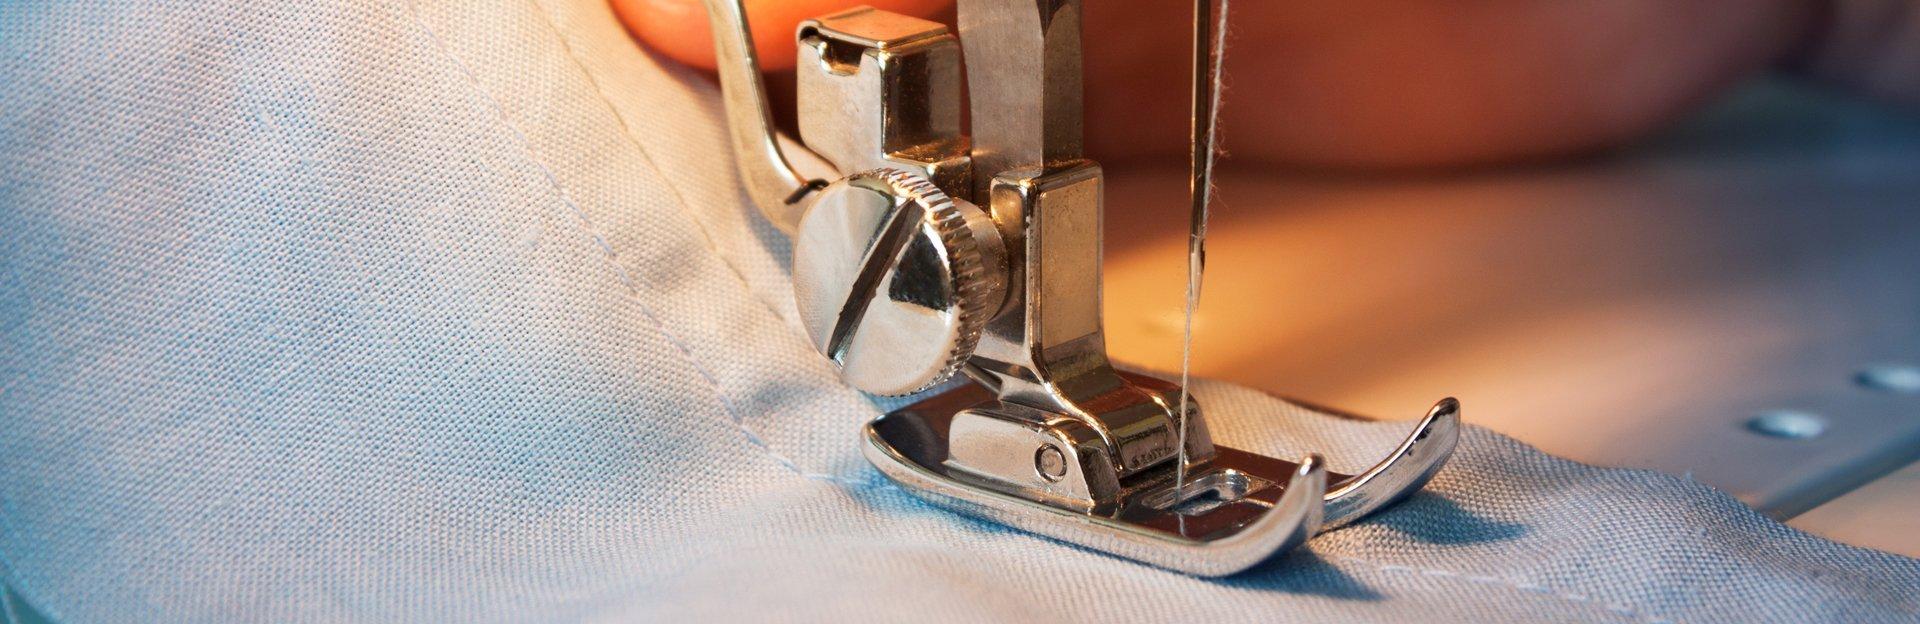 Shortening dresses